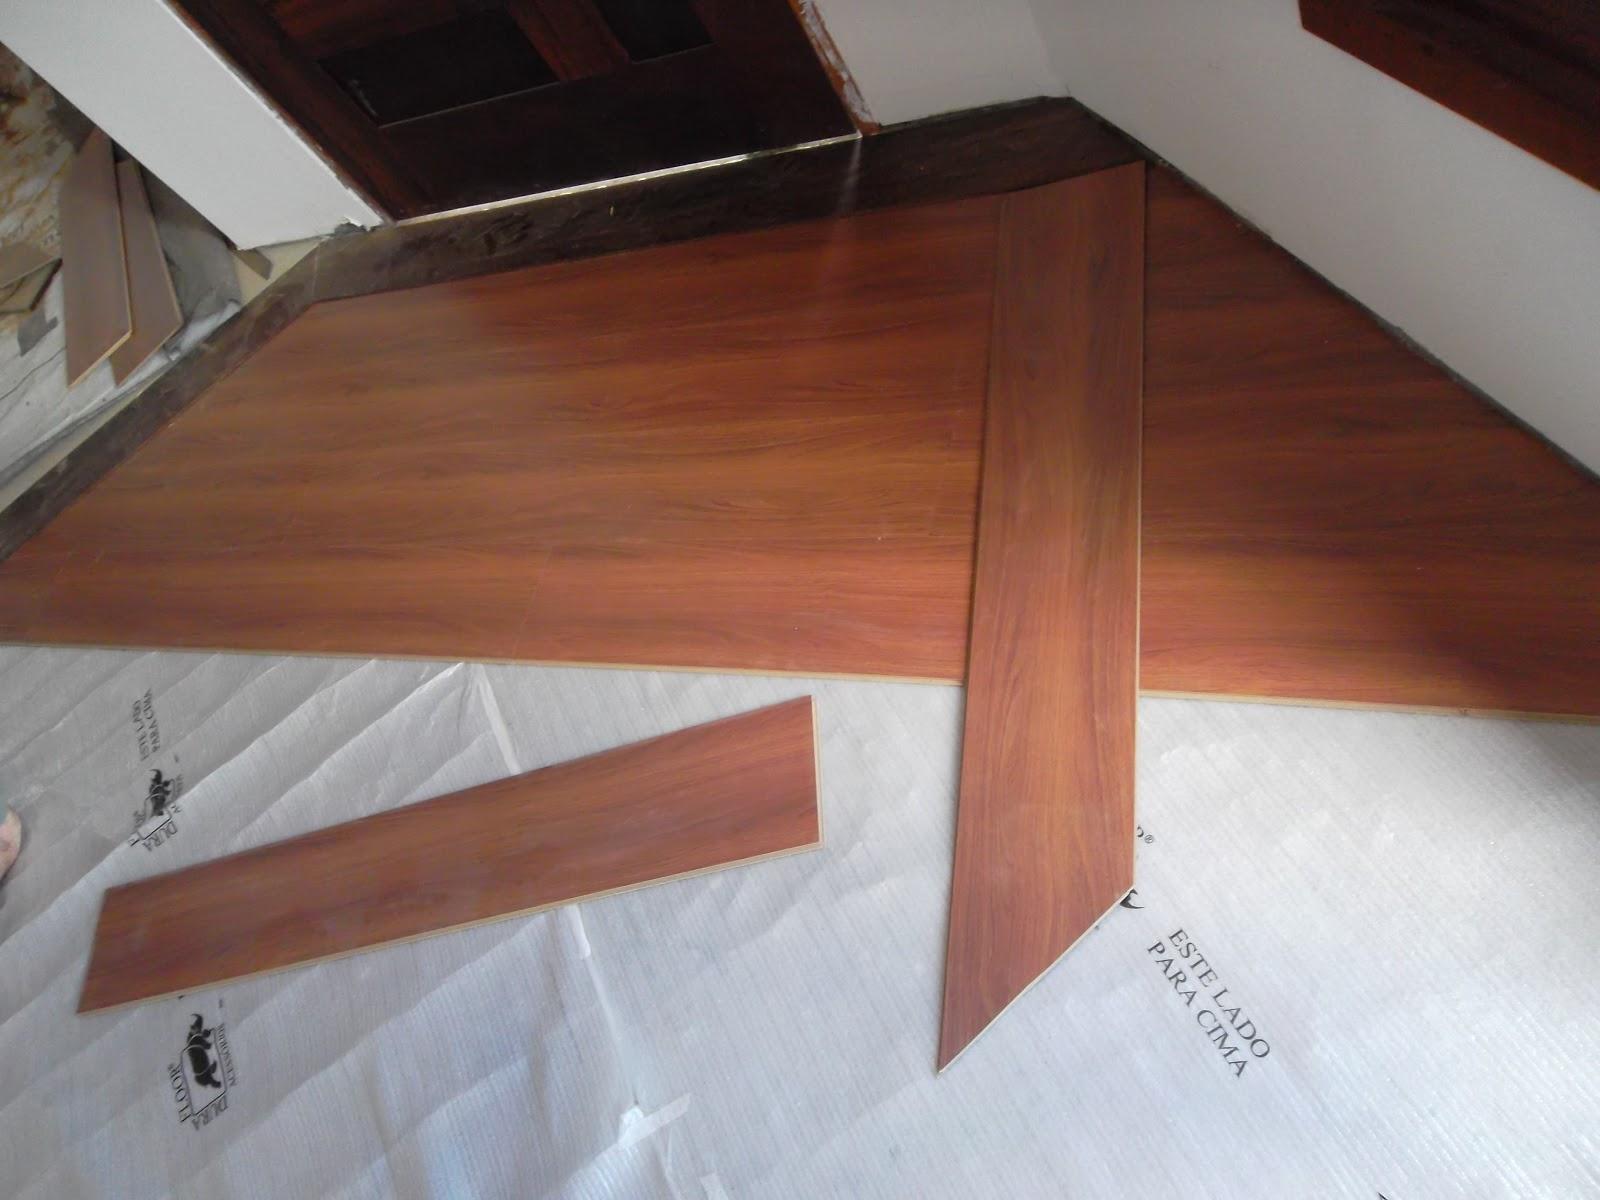 Sonhar Juntos: Carpete de madeira e a Casa #6F412F 1600 1200